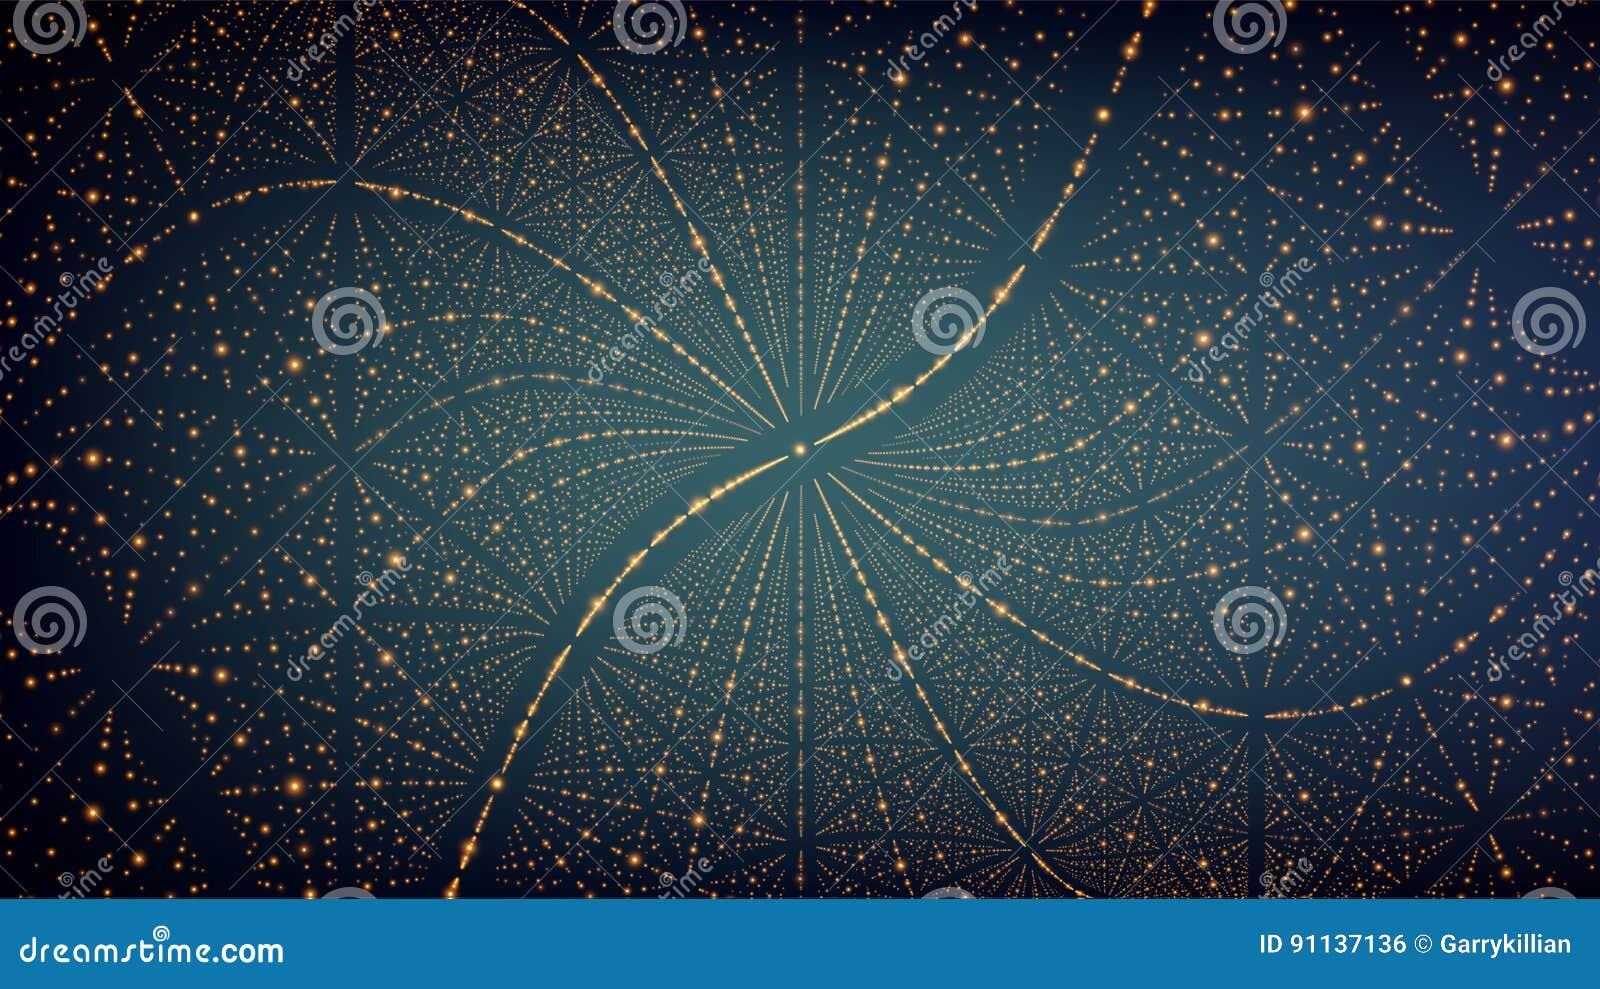 Abstracte vectorachtergrond Matrijs van gloeiende sterren met illusie van diepte en perspectief